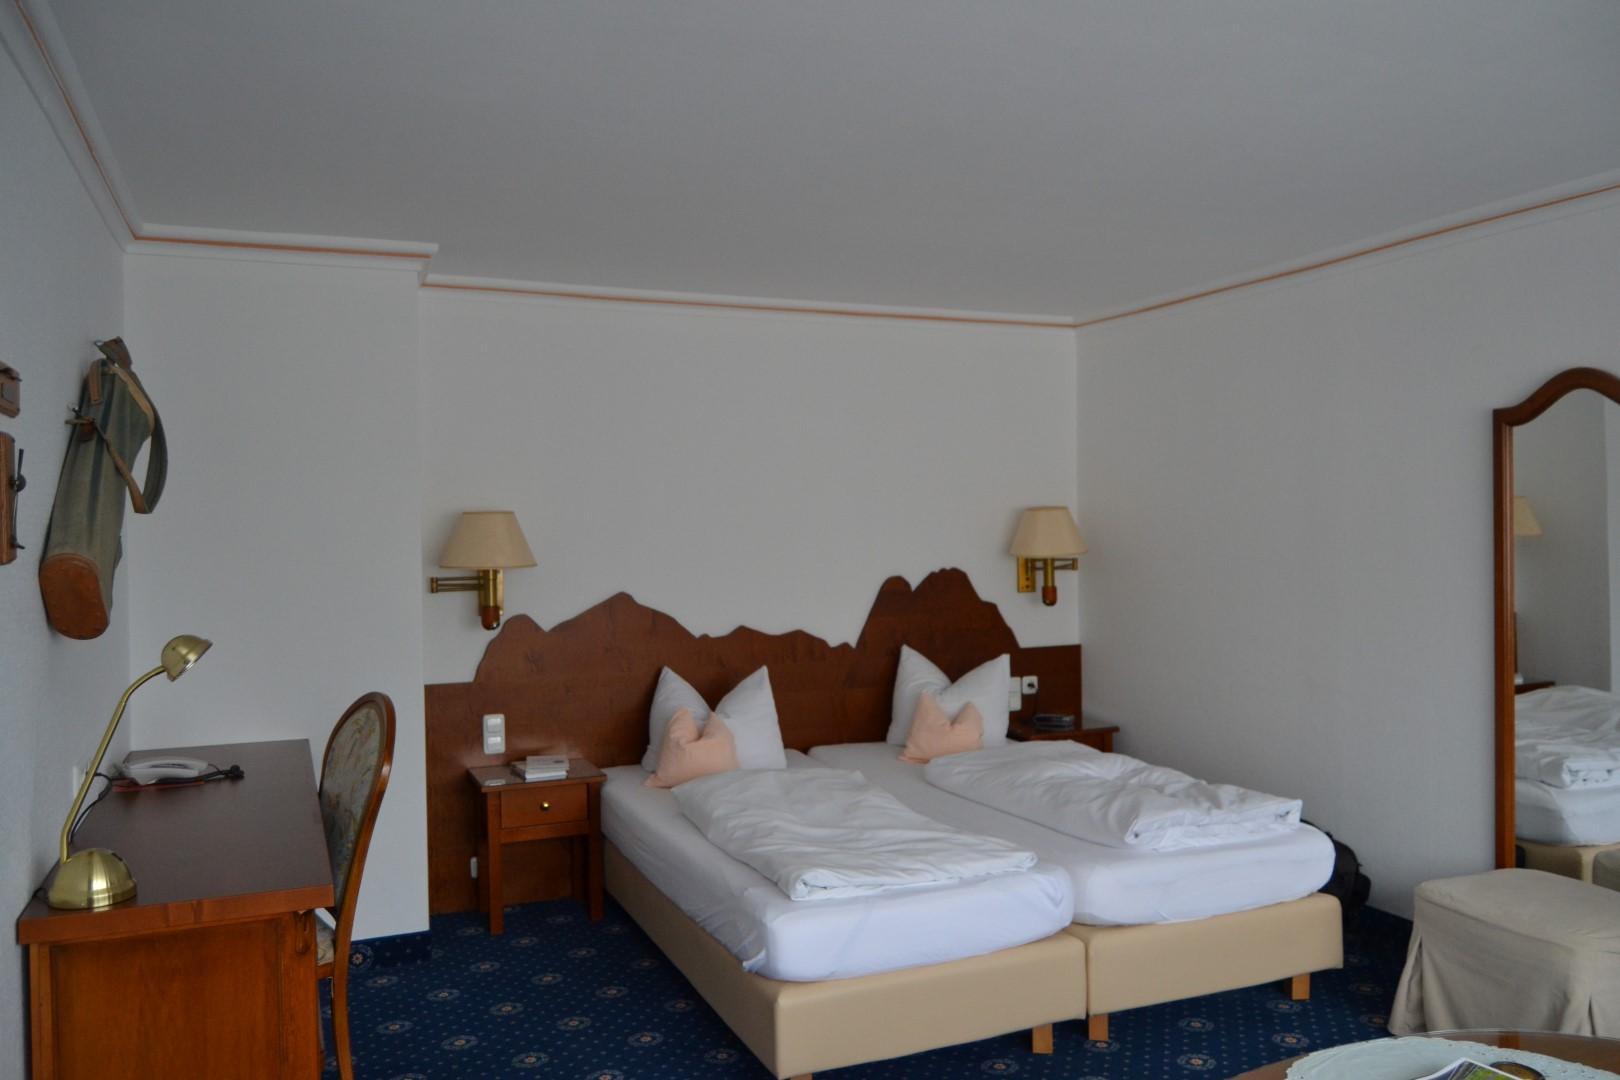 Alternatives to Edelweiss Resort in Garmisch: Rheinischer Hof